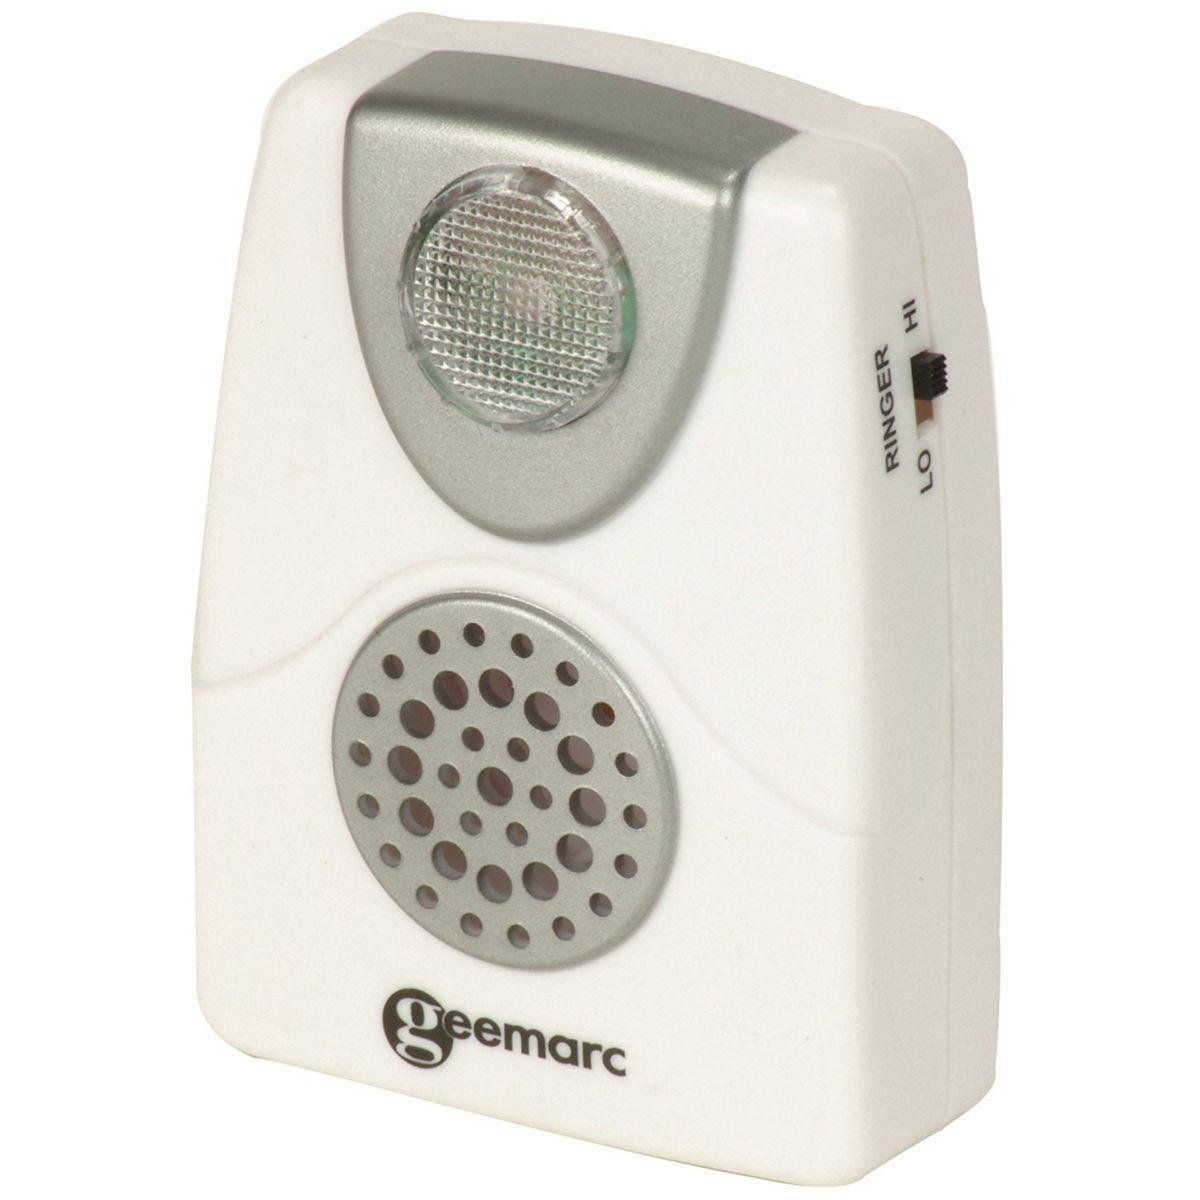 Accessoire aide auditive geemarc cl11 blanc - 2% de remise imm�diate avec le code : automne2 (photo)